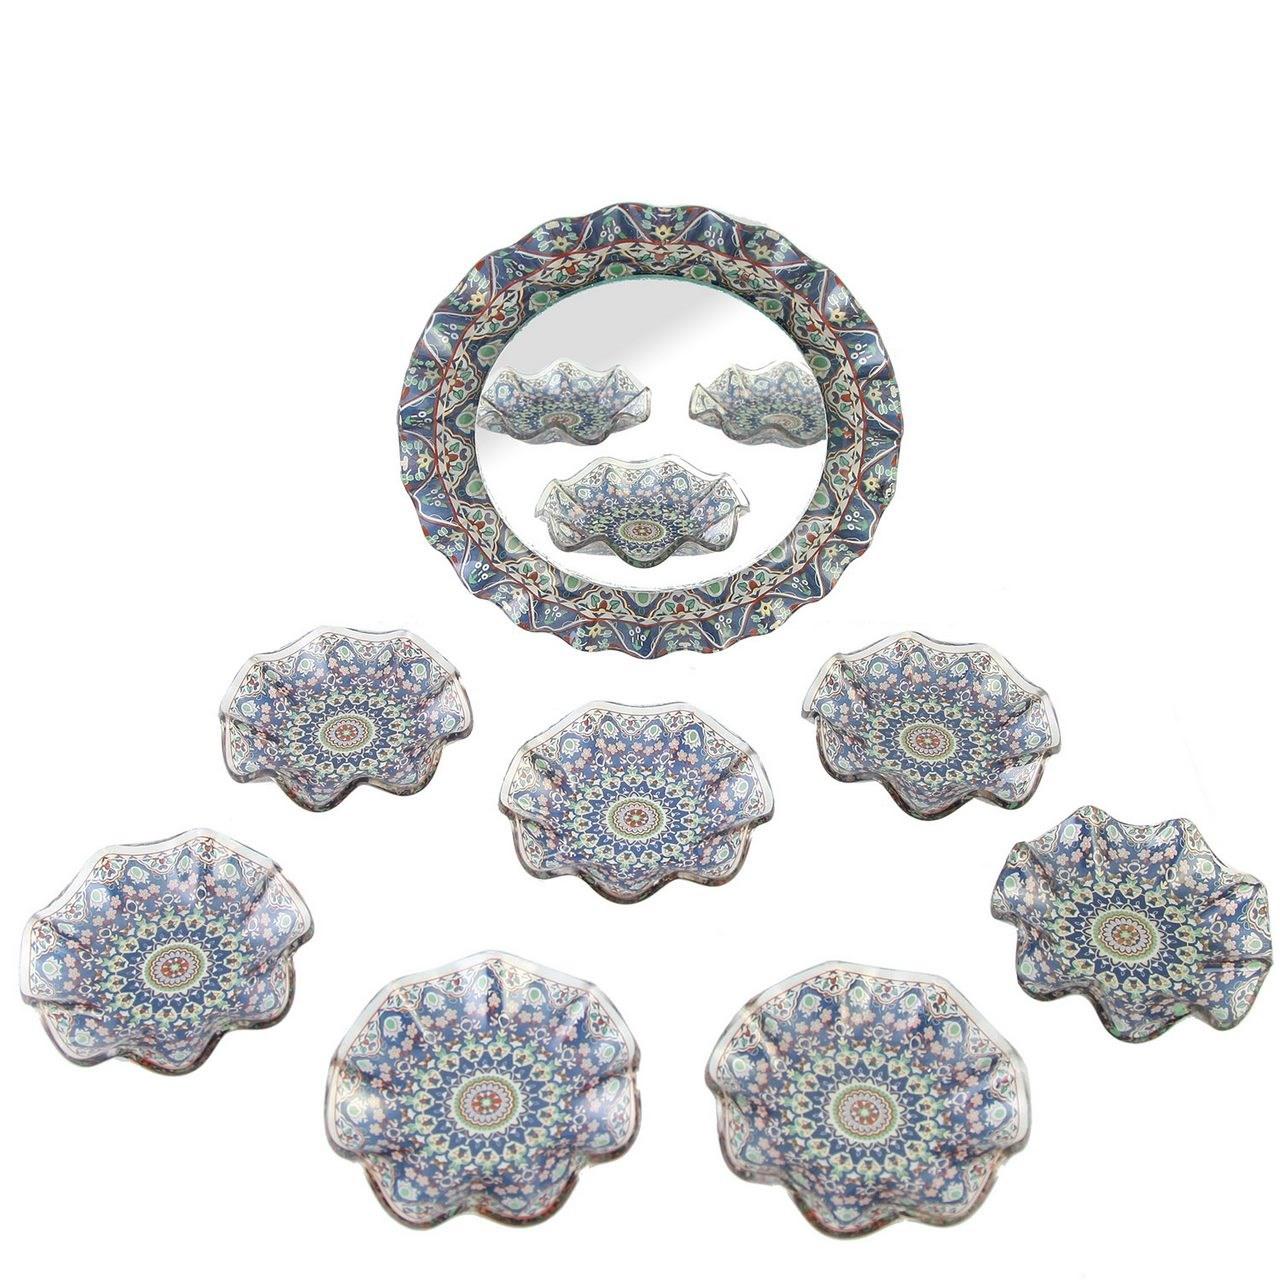 مجموعه ظروف هفت سین شیشهای گالری مقصود کد 135005